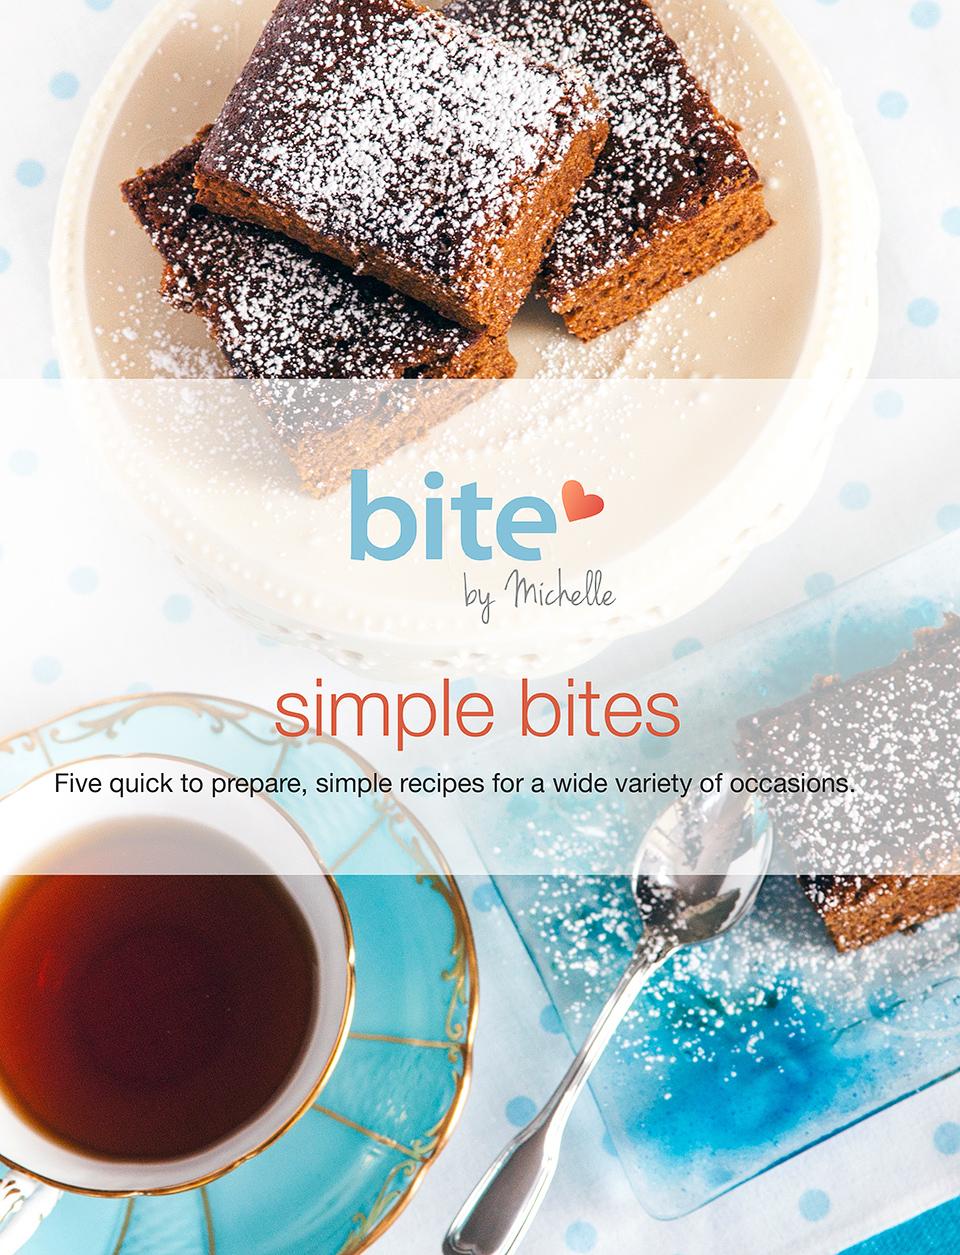 simplebites_cover_full